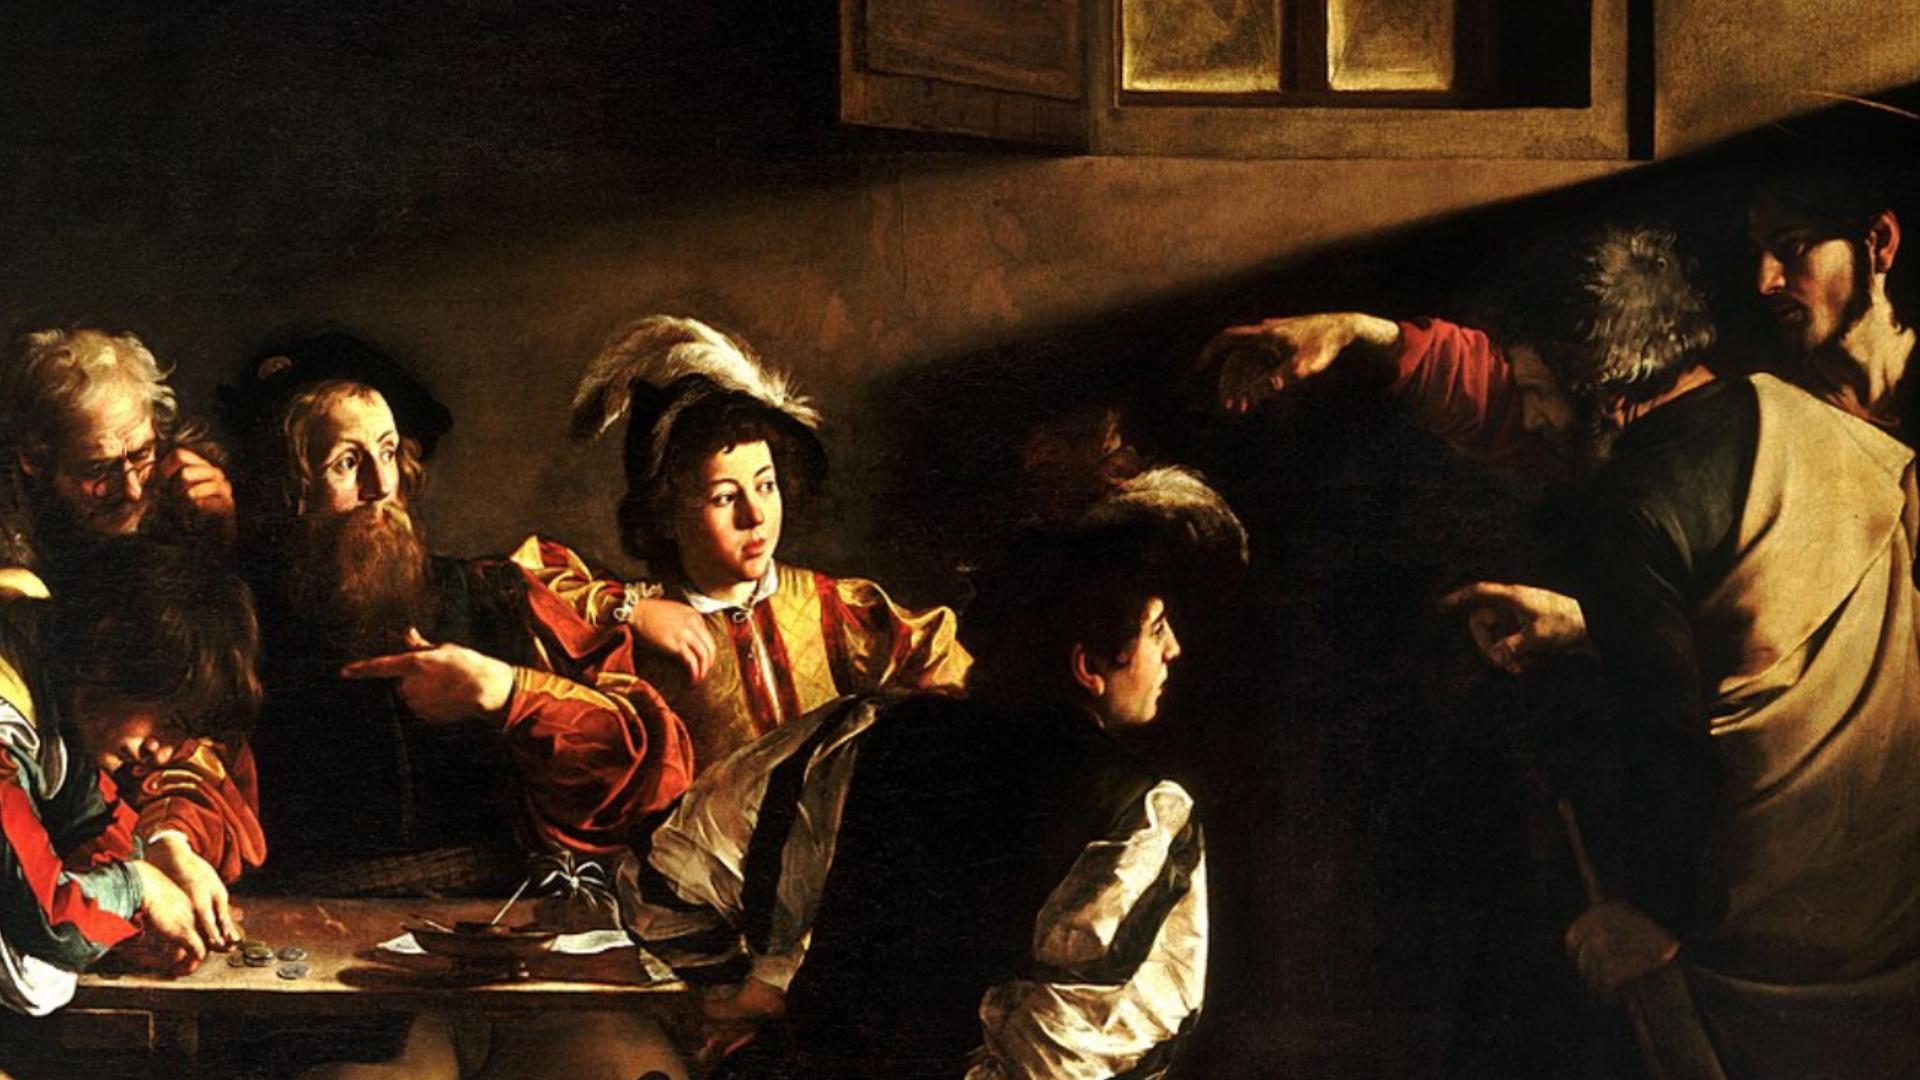 Chiesa di San Luigi dei Francesi, La vocazione di San Matteo, Caravaggio